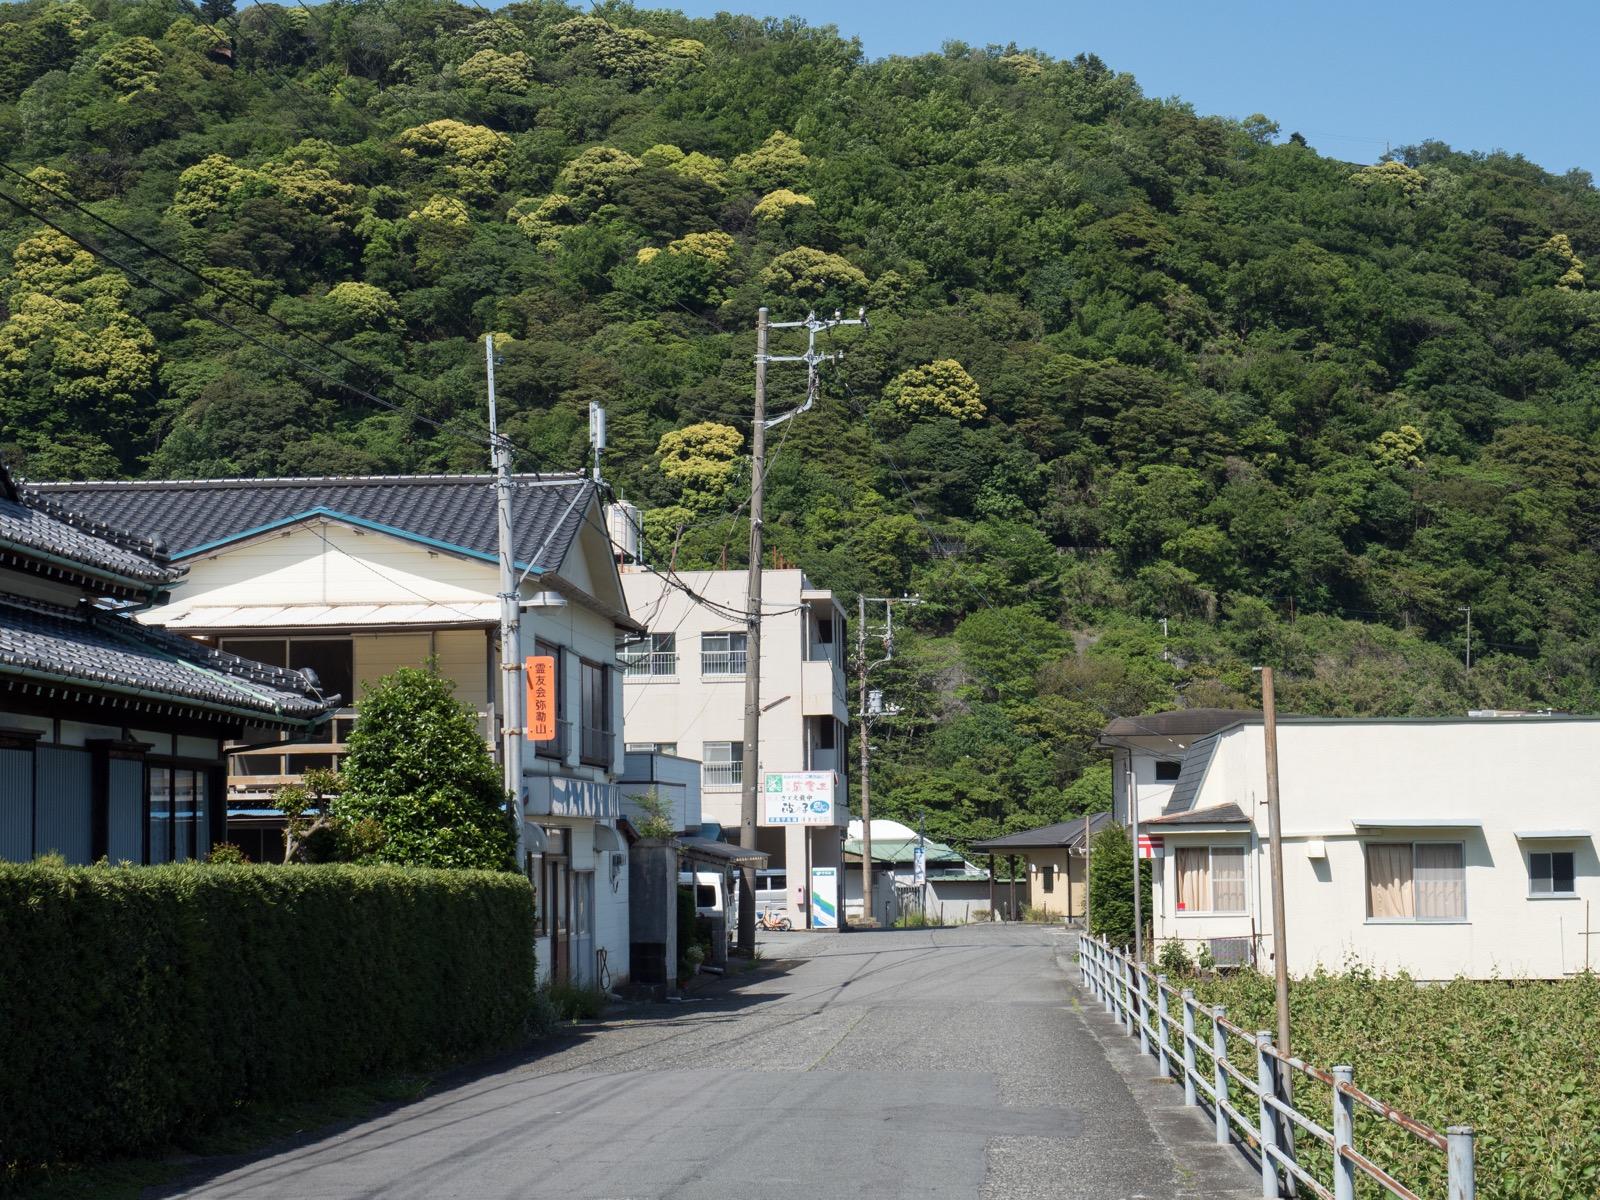 伊豆大川駅周辺